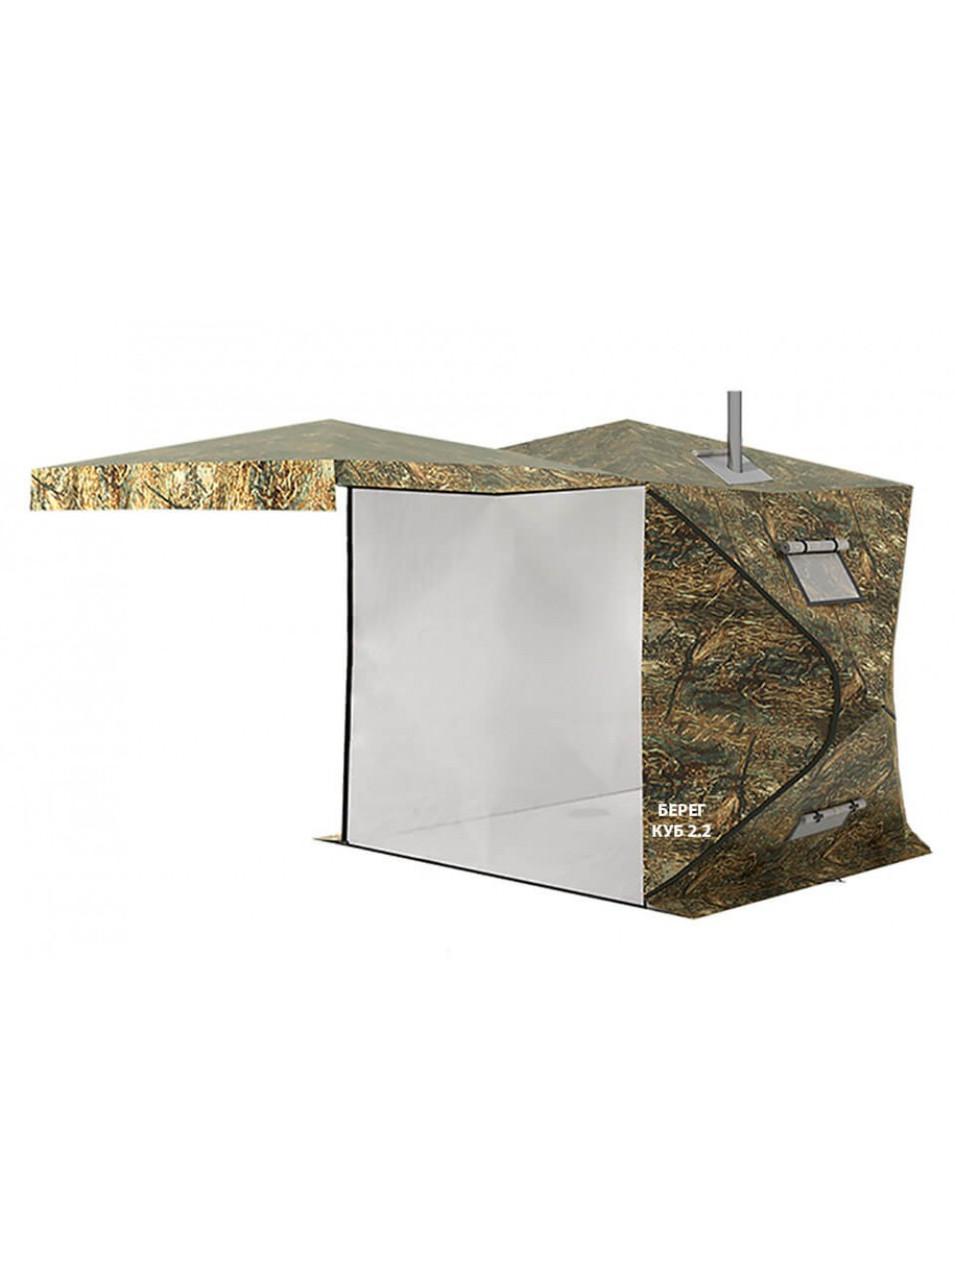 Палатка всесезонная Берег КУБ 2.20 двухслойная, непромокаемый пол из ПВХ размер 2,2 х 2,2 х 1,9 м. - фото 2